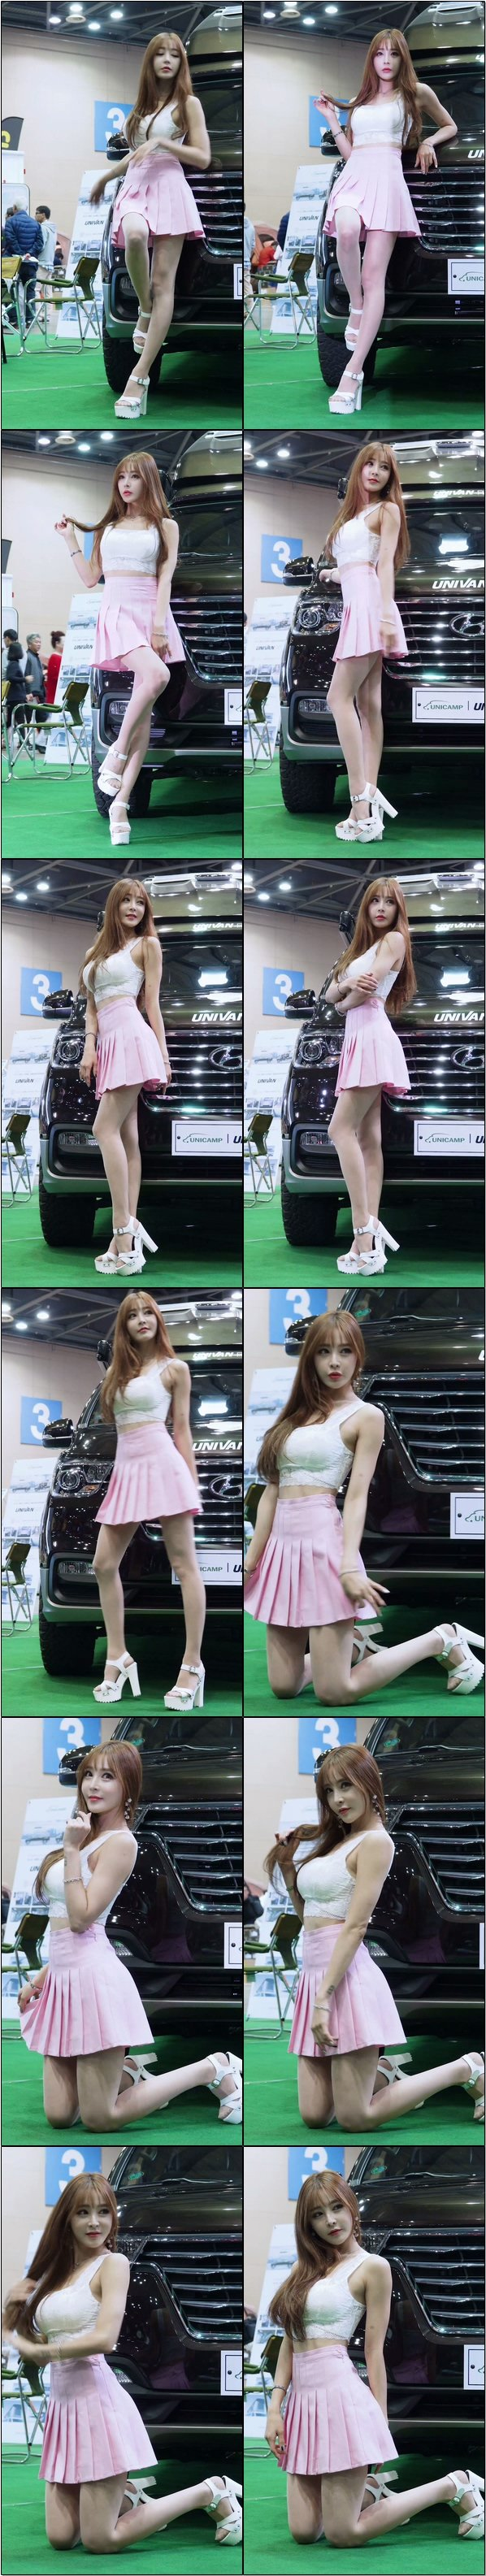 [會展模特] 韓國車展性感模特精選飯拍2020582